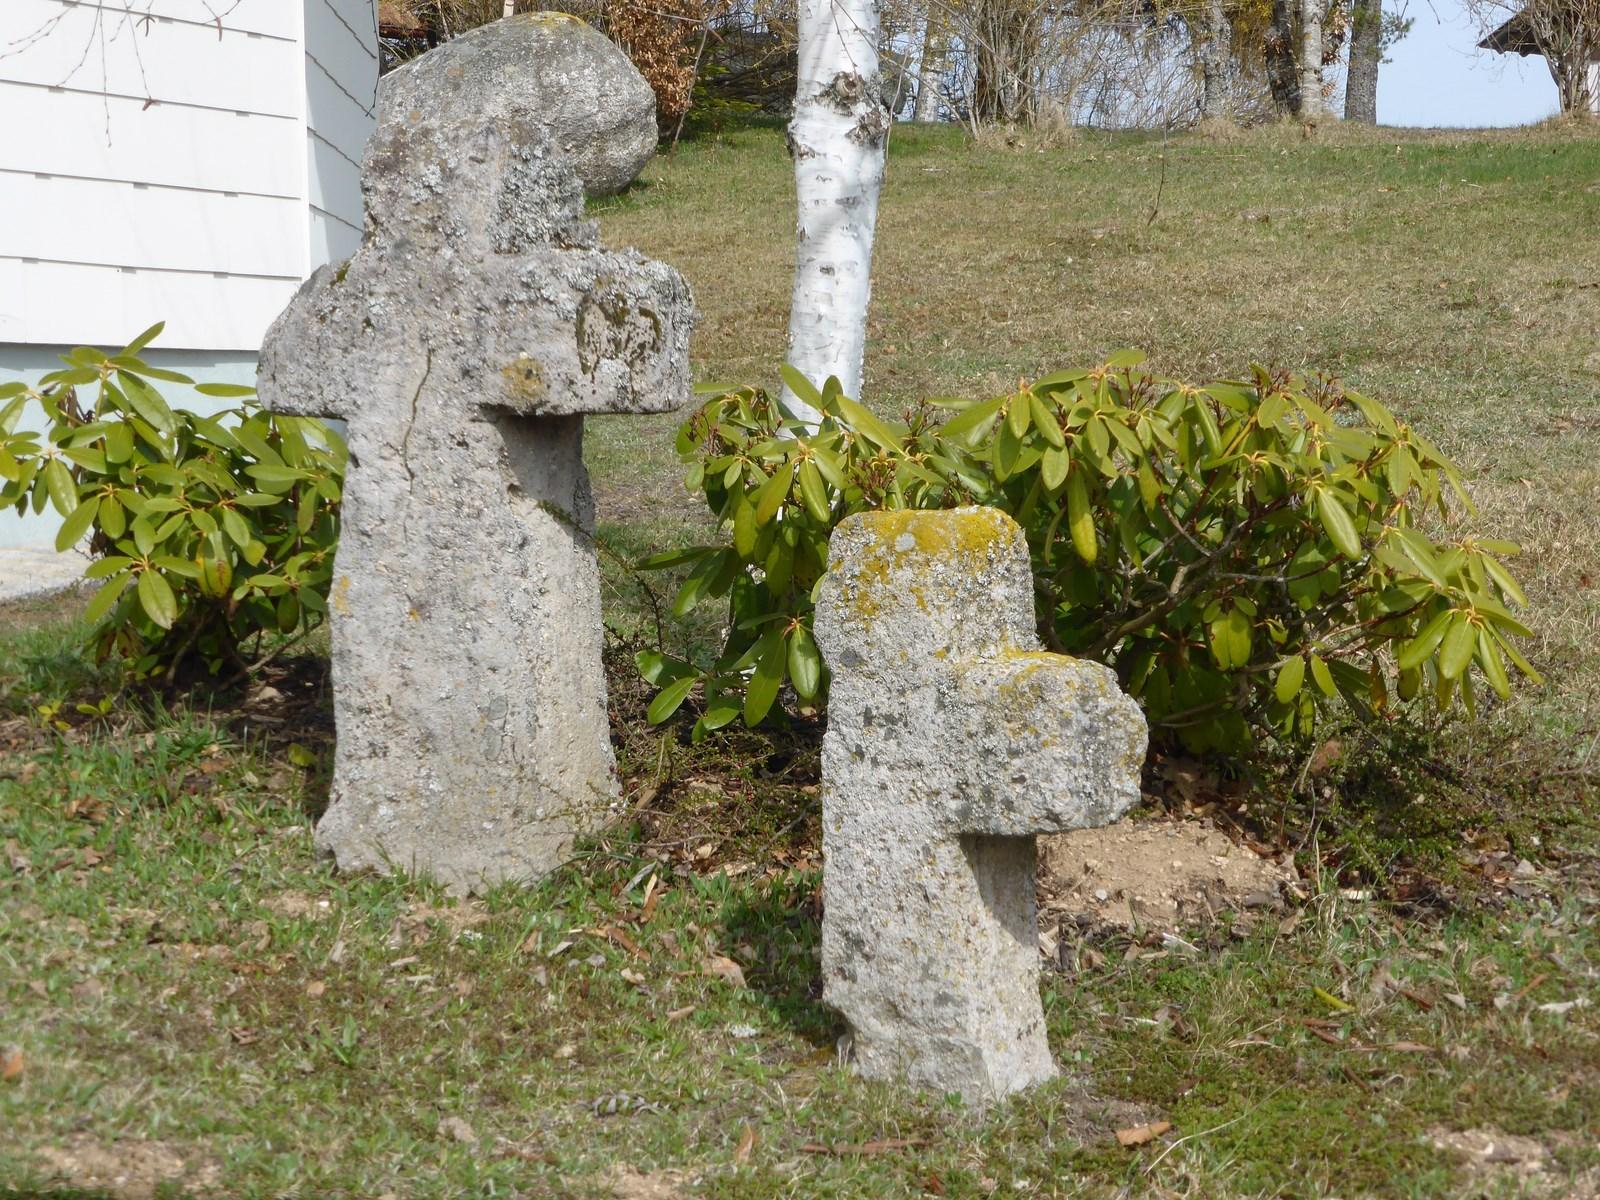 Kreuze an der Kirche in Hogschür © Hartmut Hermanns